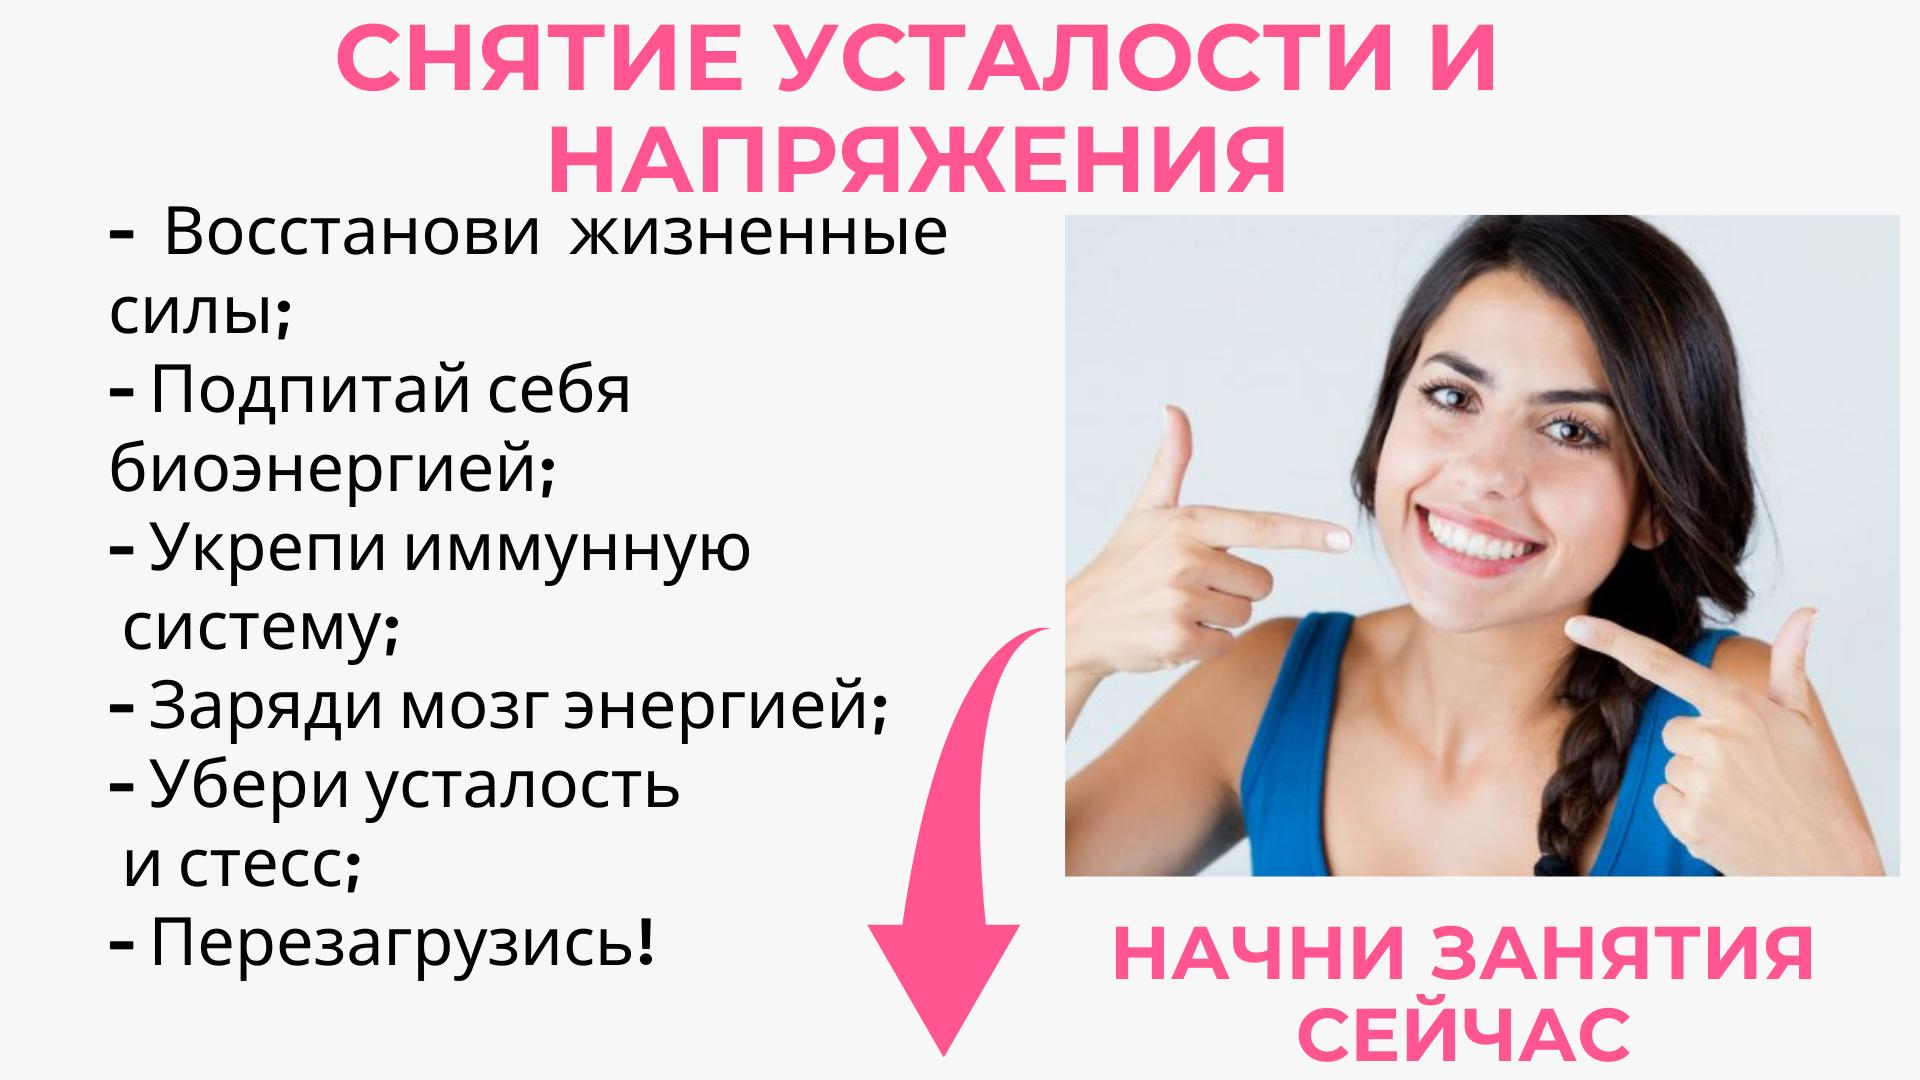 киев. снятие хронической усталости